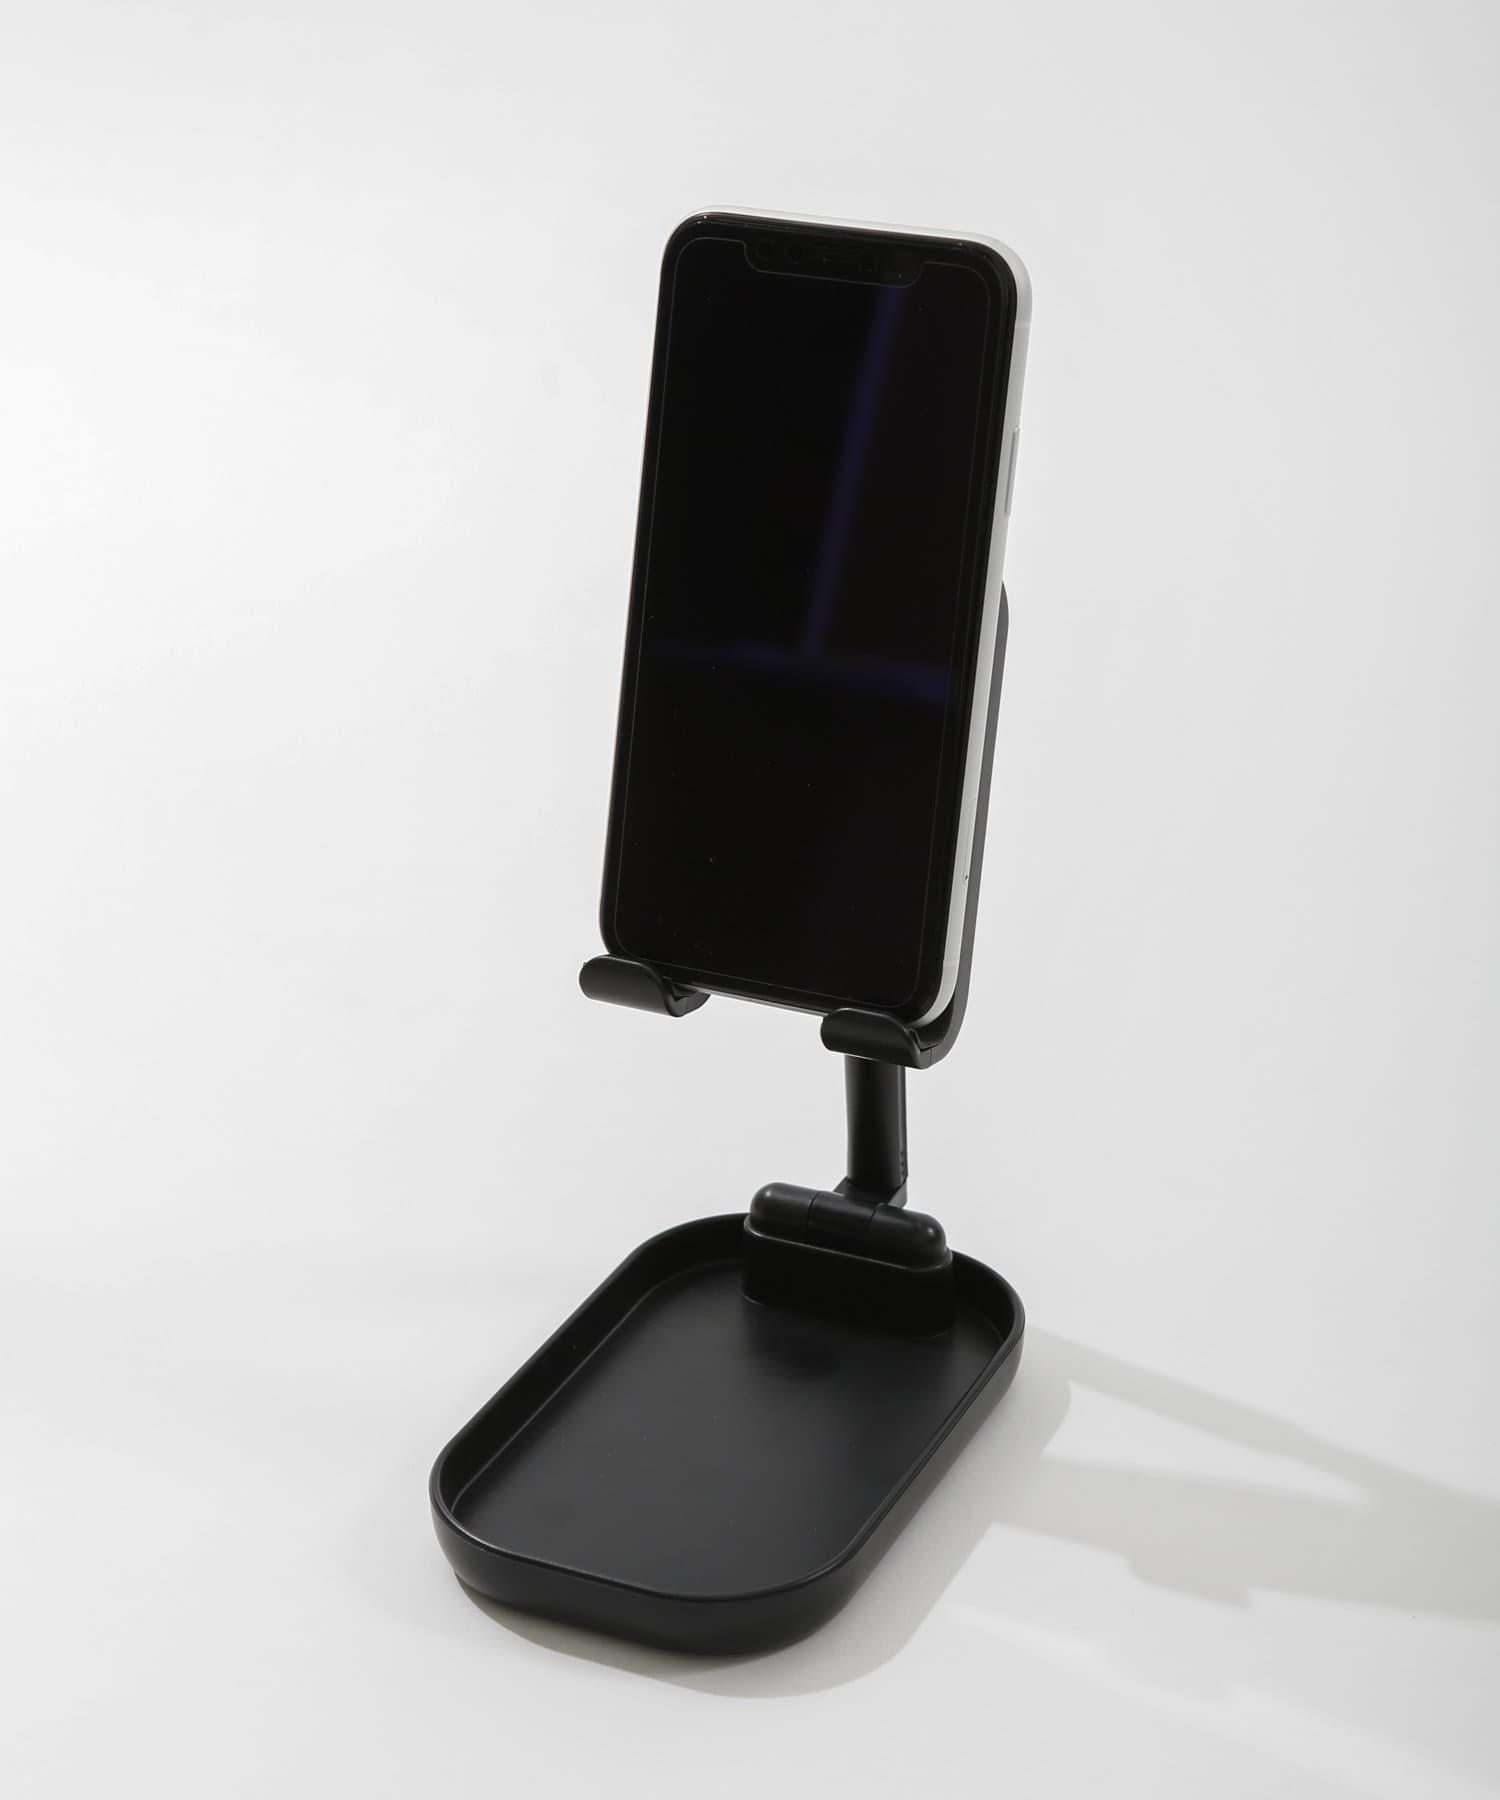 3COINS(スリーコインズ) ライフスタイル 【3COINS DEVICE】スタンド型ワイヤレスチャージャー ブラック